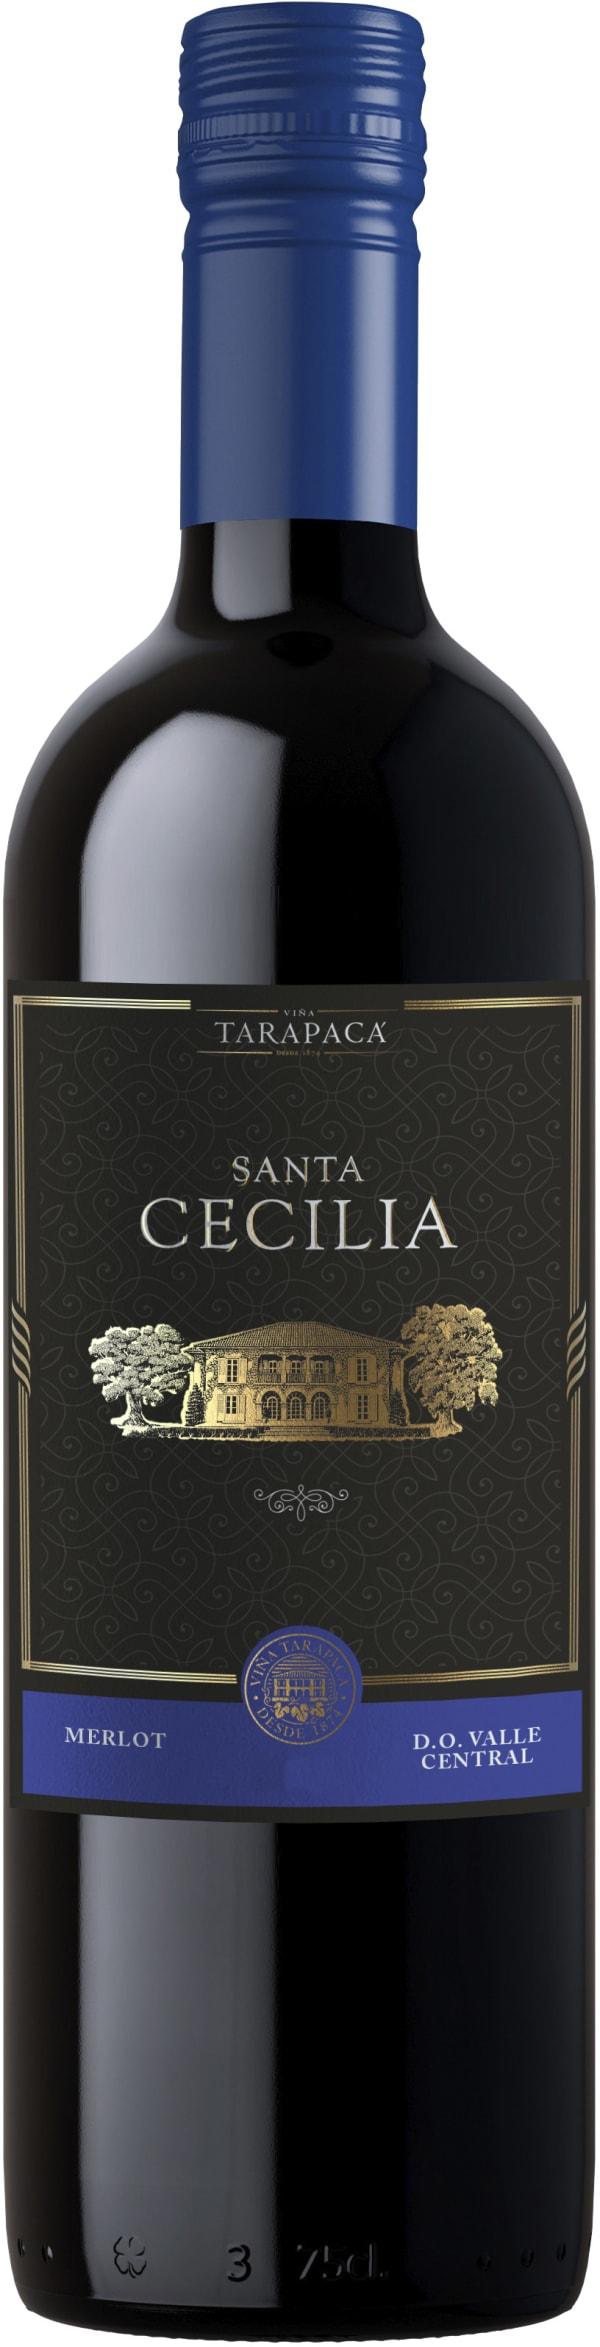 Tarapacá Santa Cecilia Merlot 2016